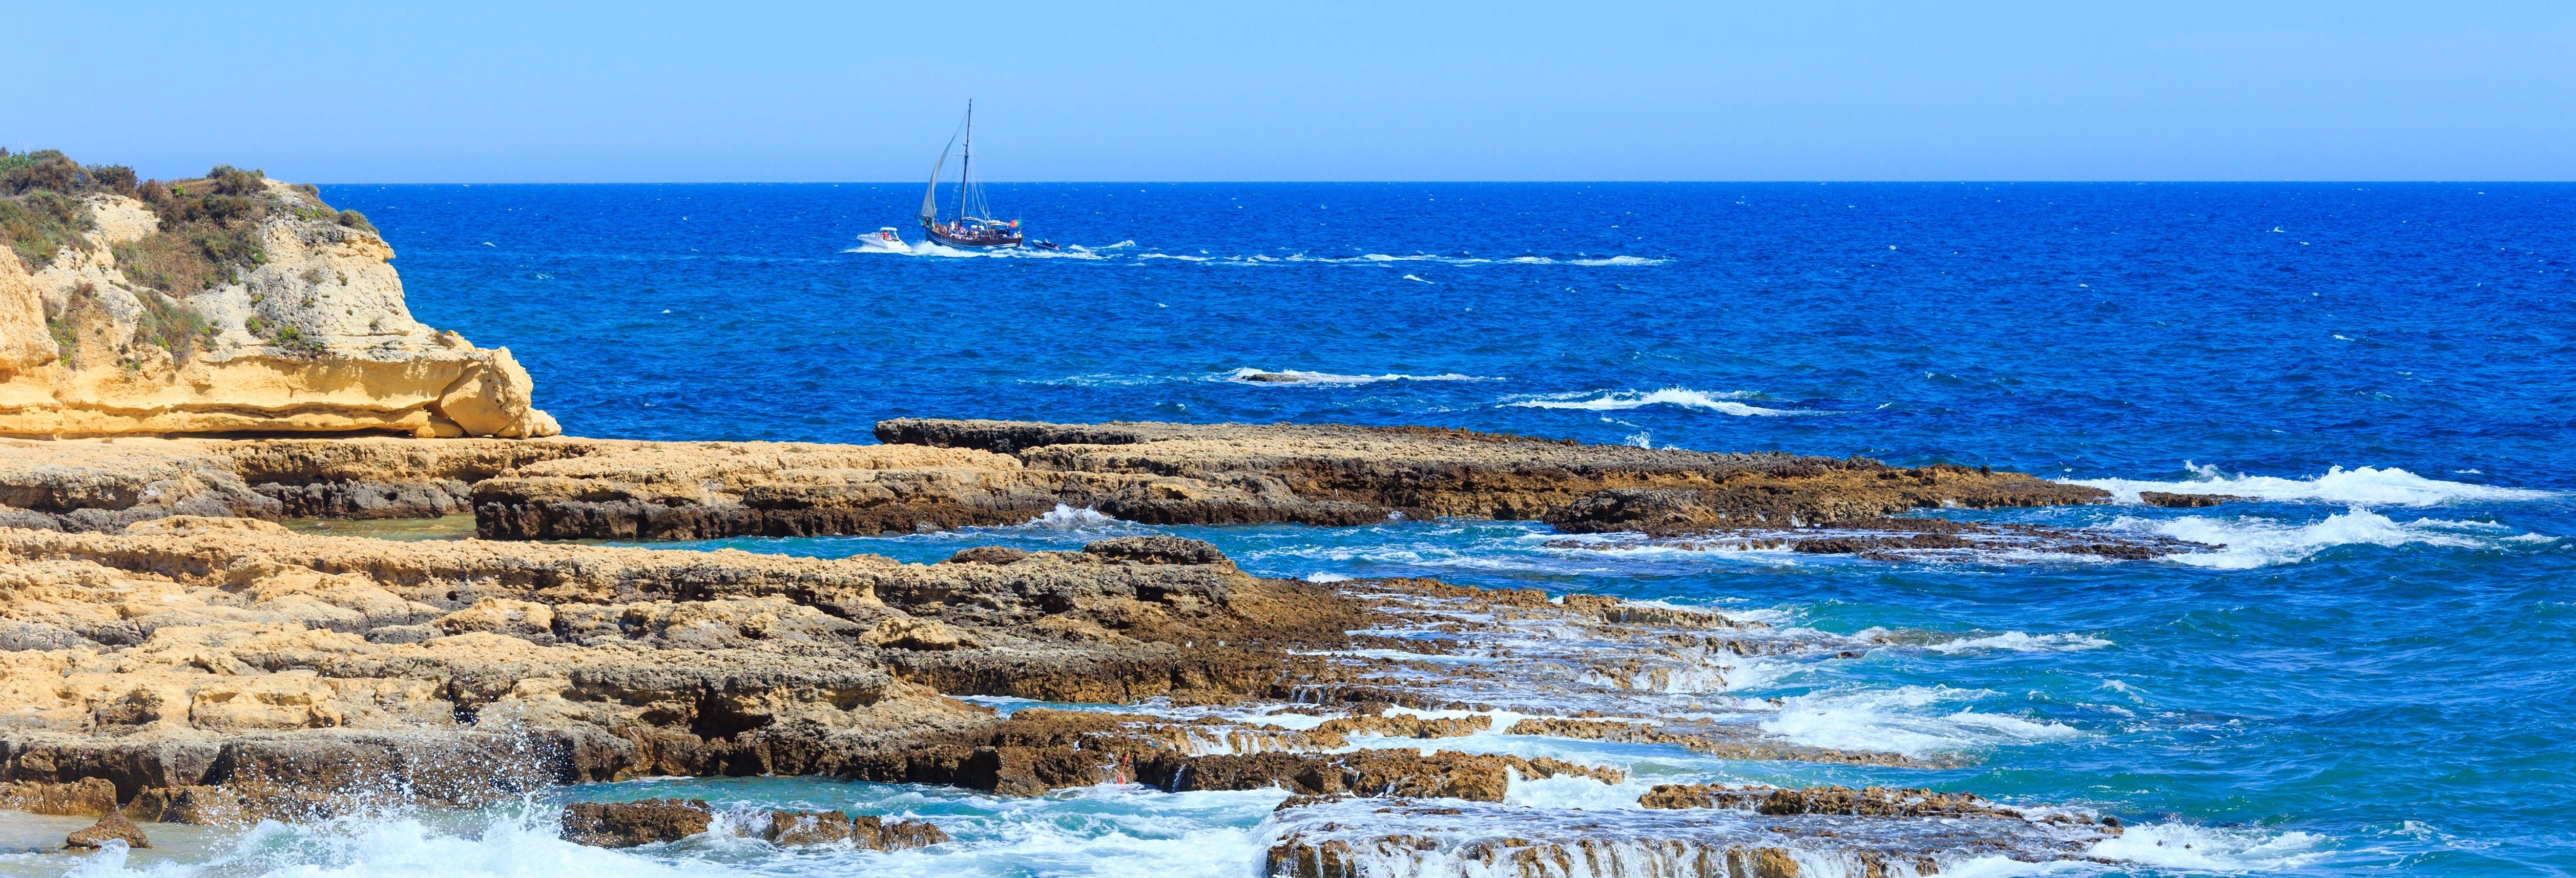 Passeio de veleiro pela costa do Algarve